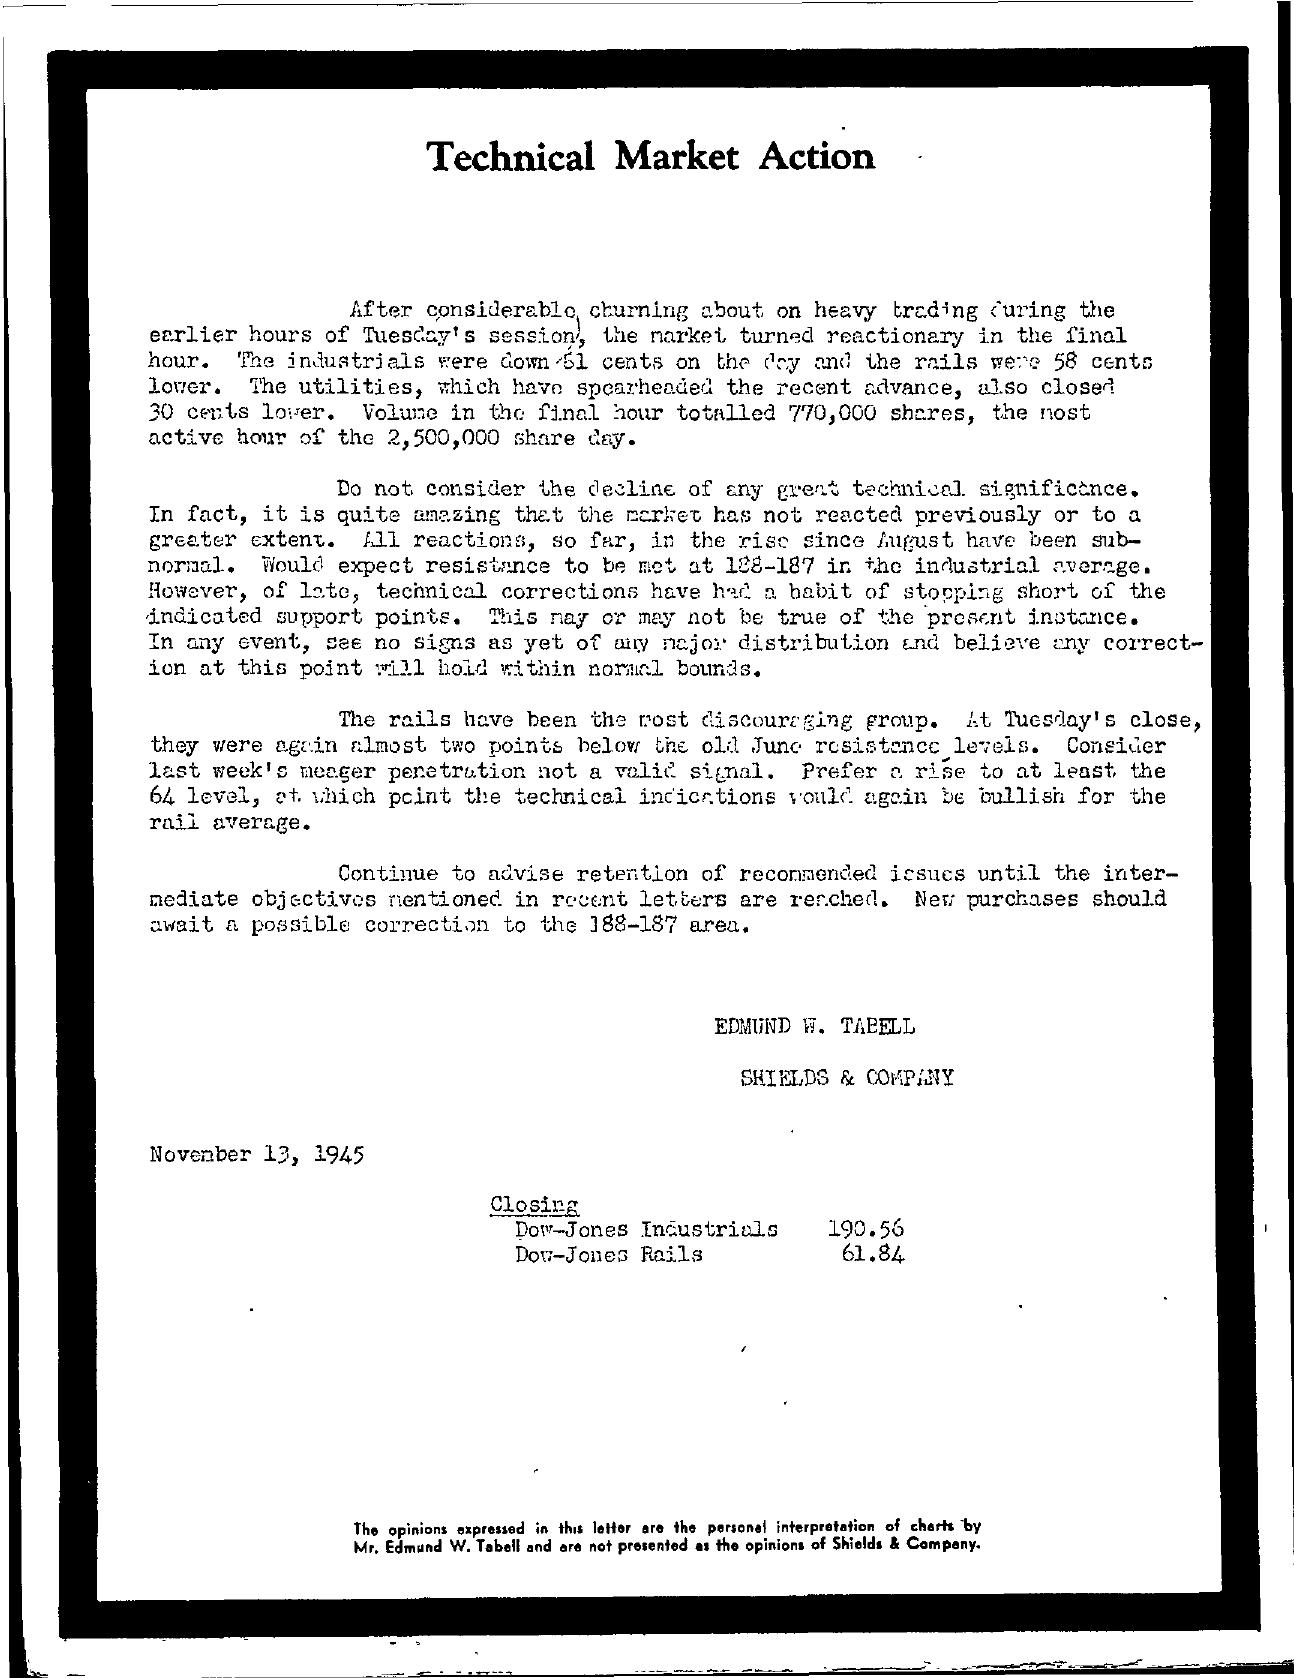 Tabell's Market Letter - November 13, 1945